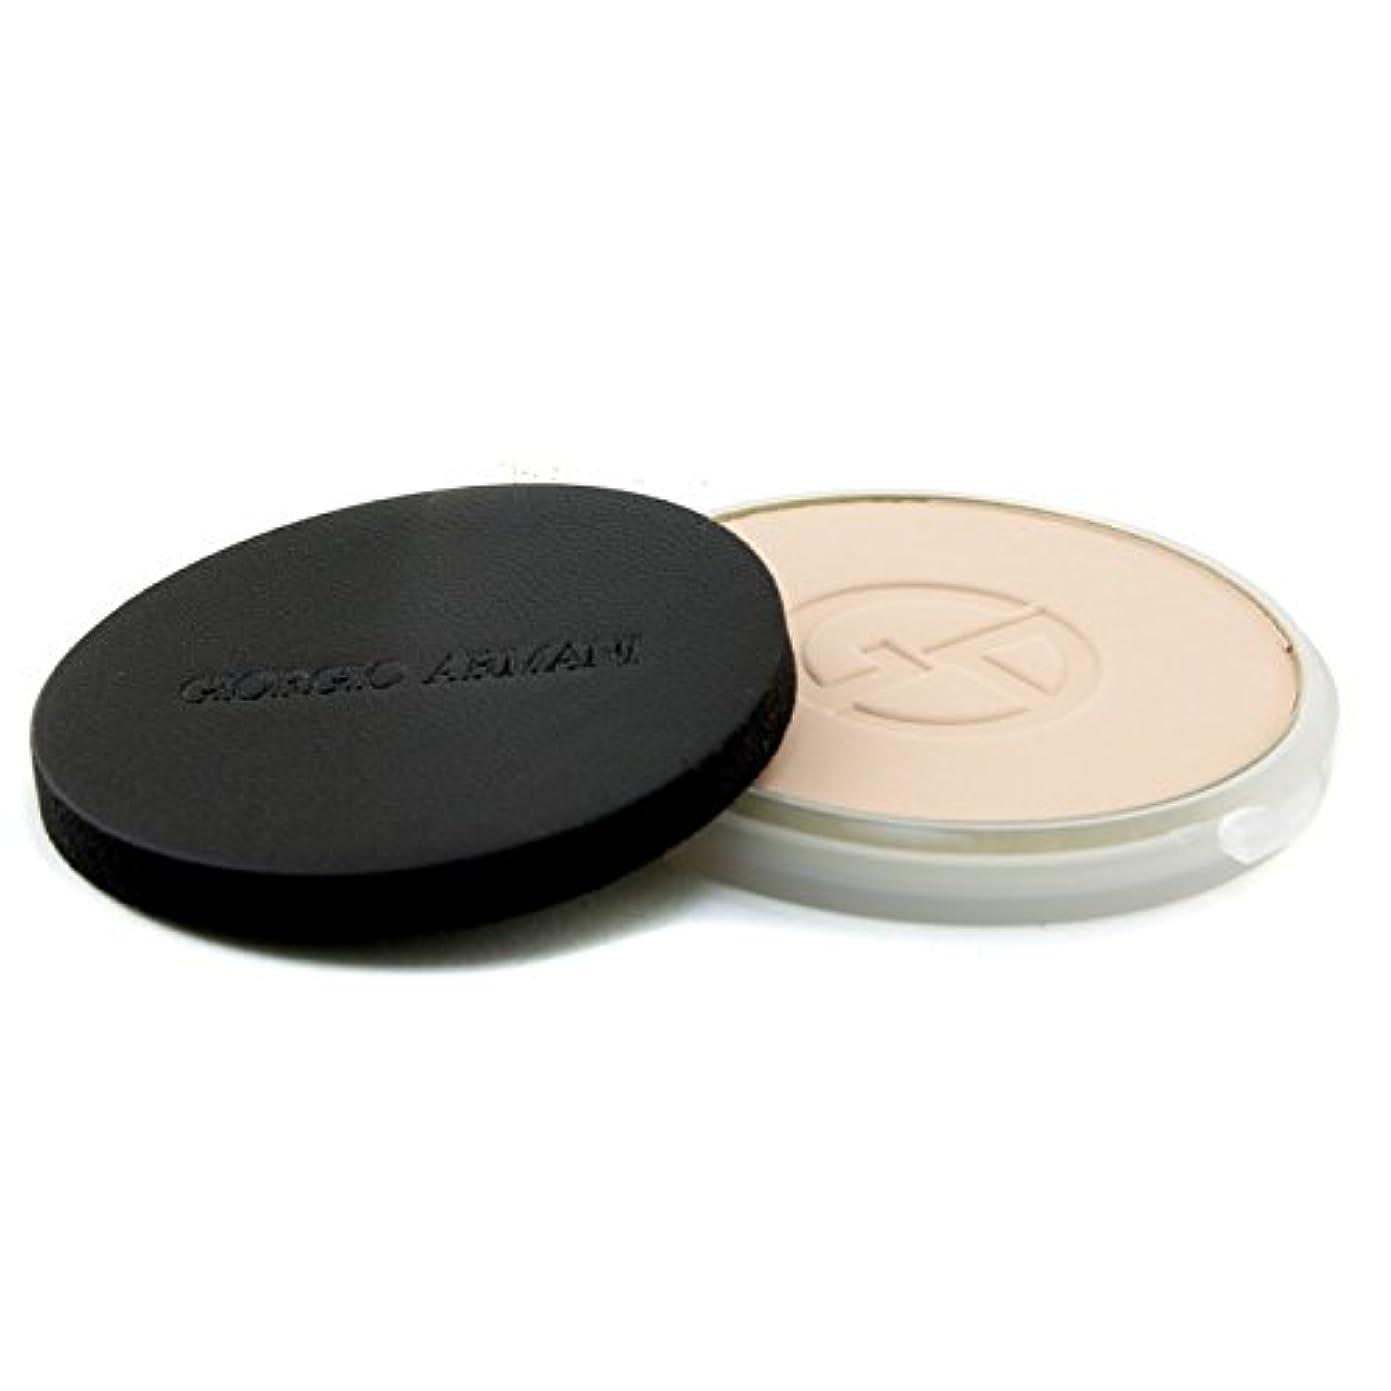 六分儀計算支給ジョルジオアルマーニ Lasting Silk UV Compact Foundation SPF 34 (Refill) - # 3 (Light Sand) 9g/0.3oz並行輸入品